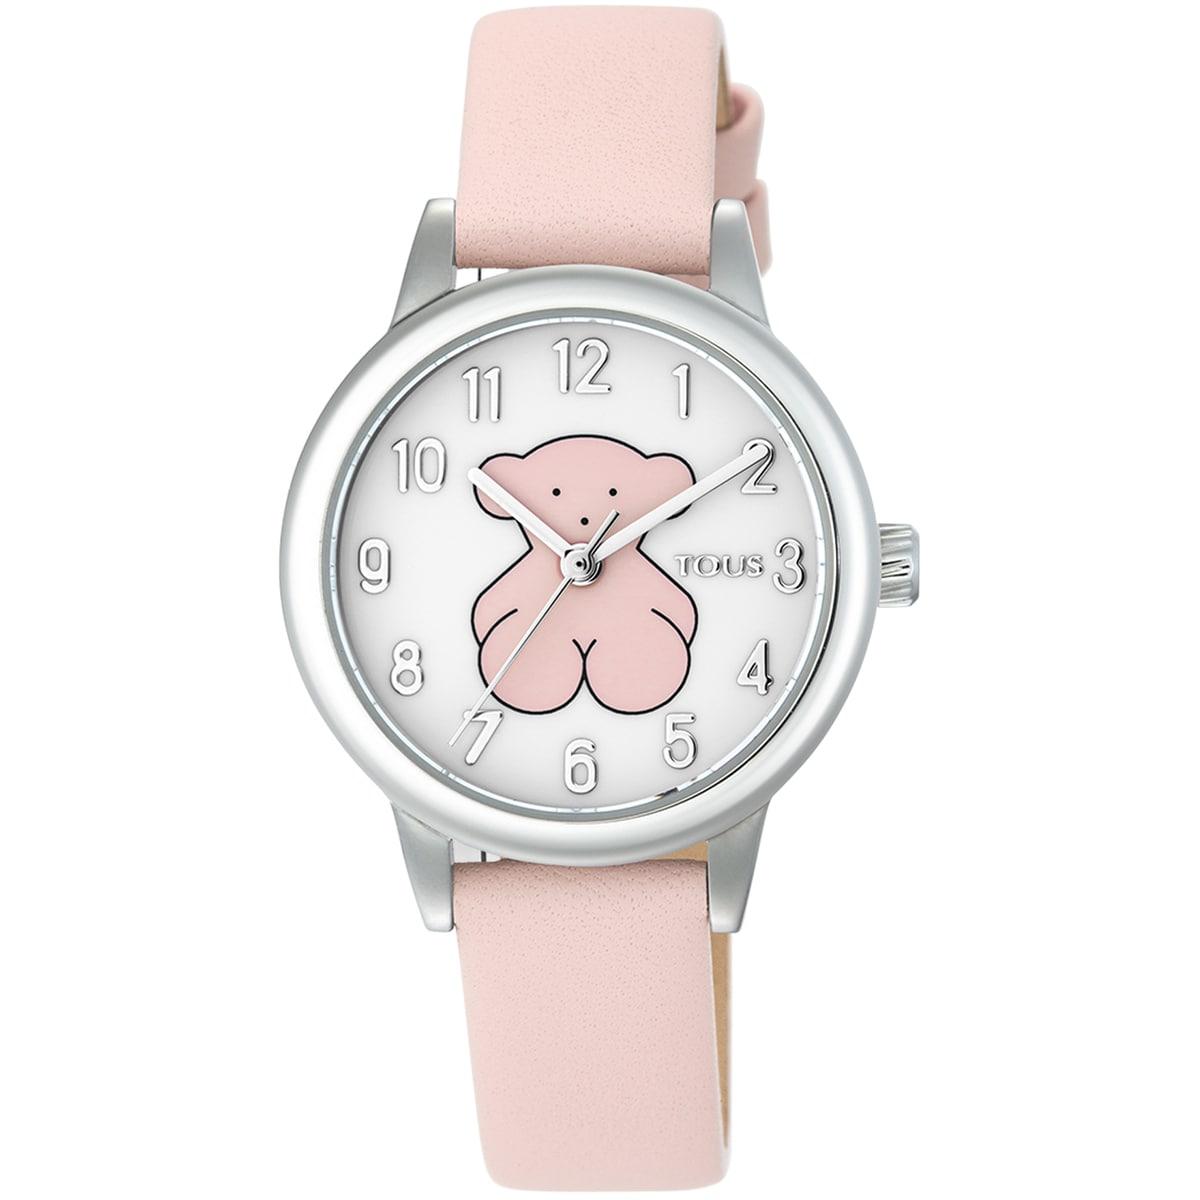 RellotgeNewMuffind'acer amb corretja de pell rosa